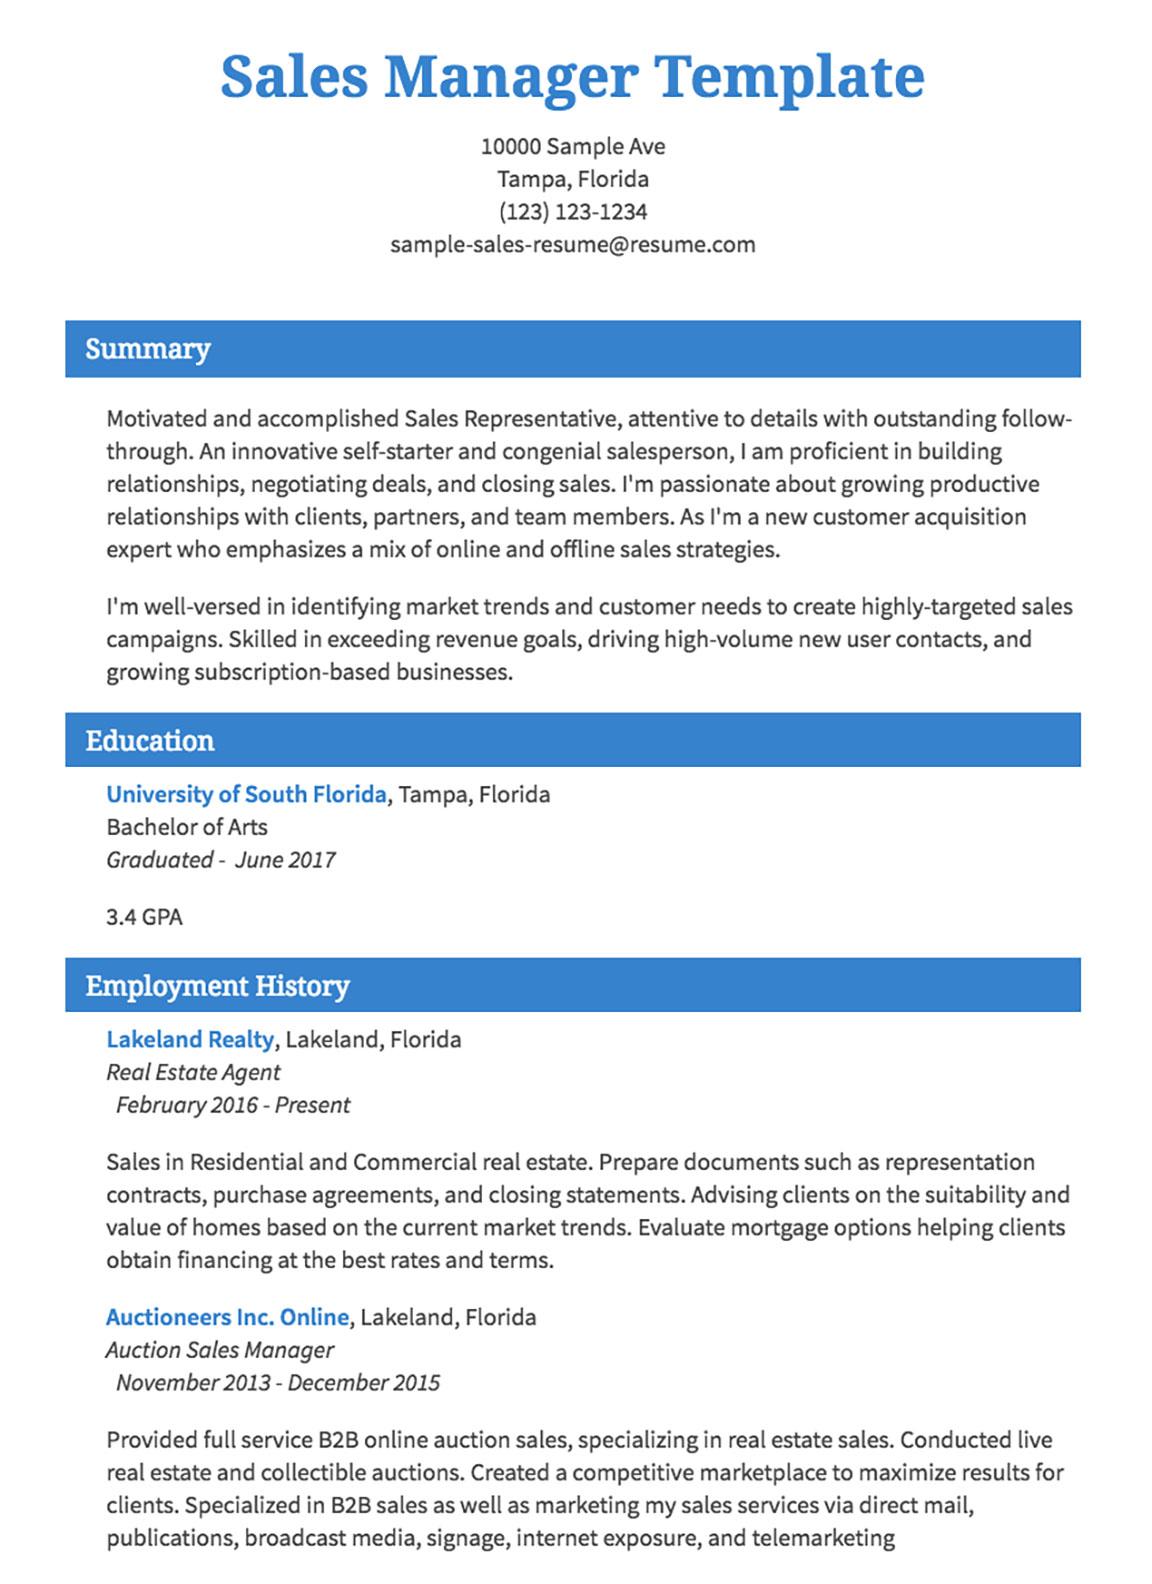 resume-builder_resume.com-2